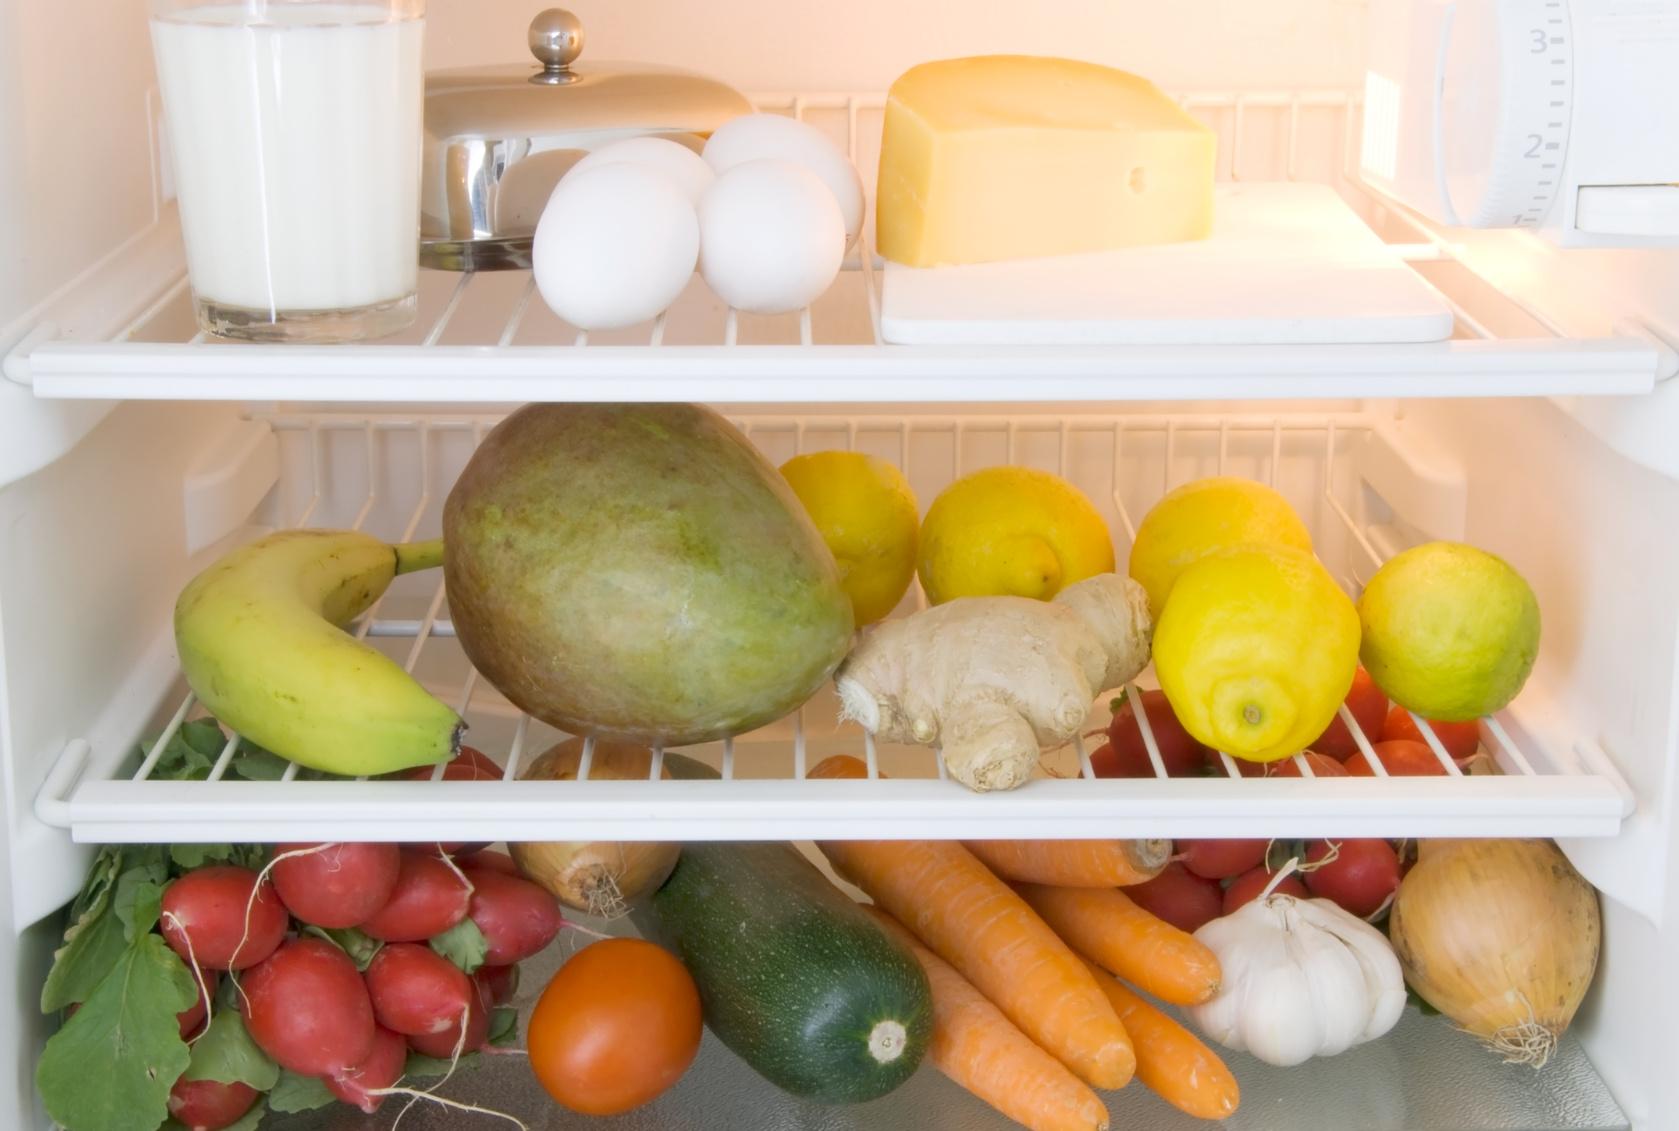 Abnehmen ohne Hungern: Mit vegetarischer Ernährung Kalorien einsparen